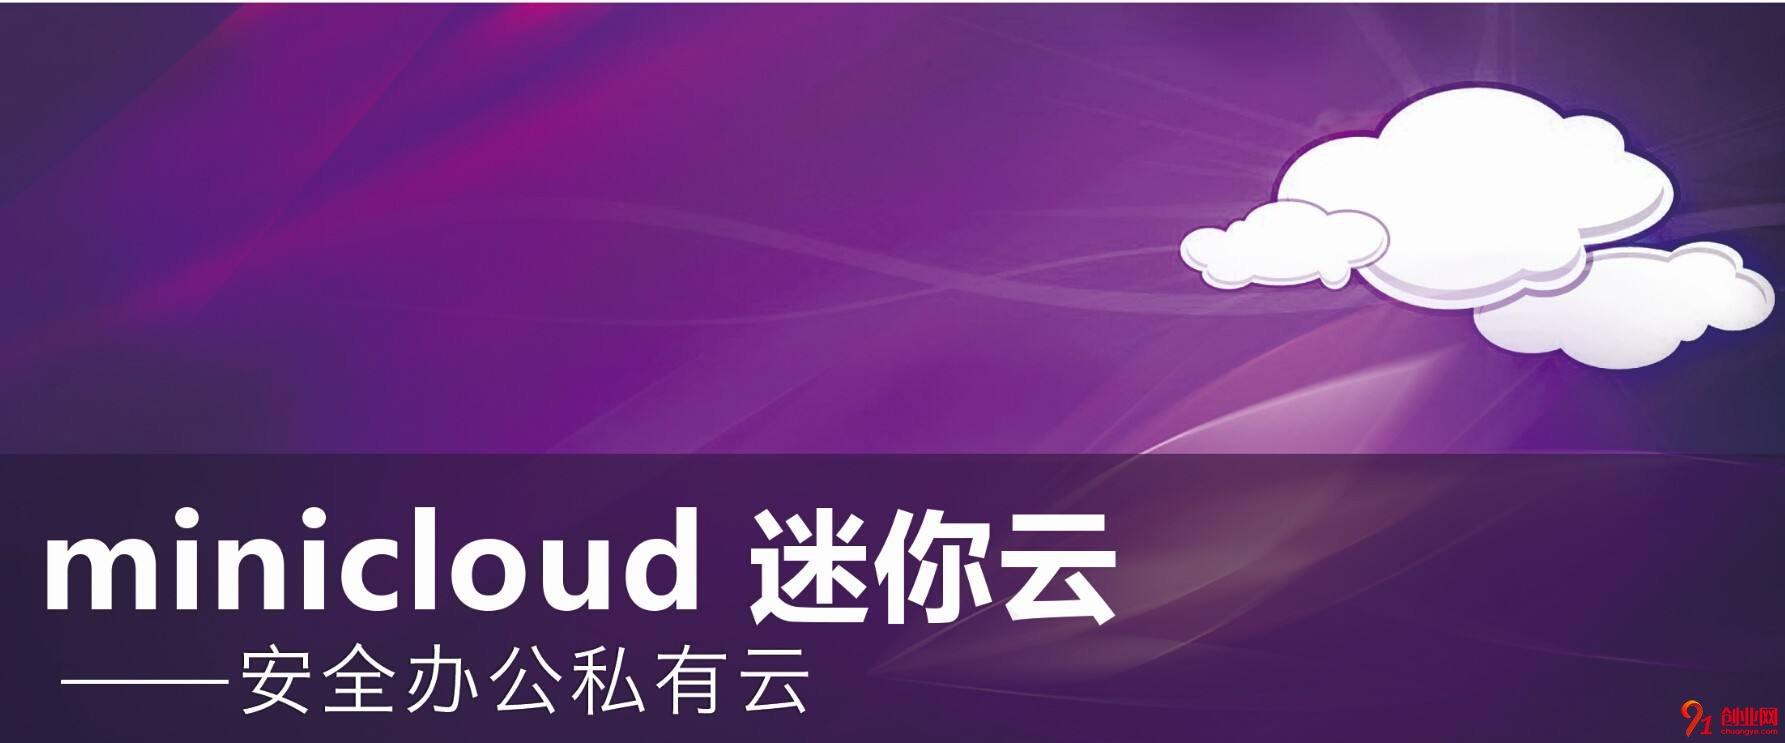 minicloud安全办公私有云